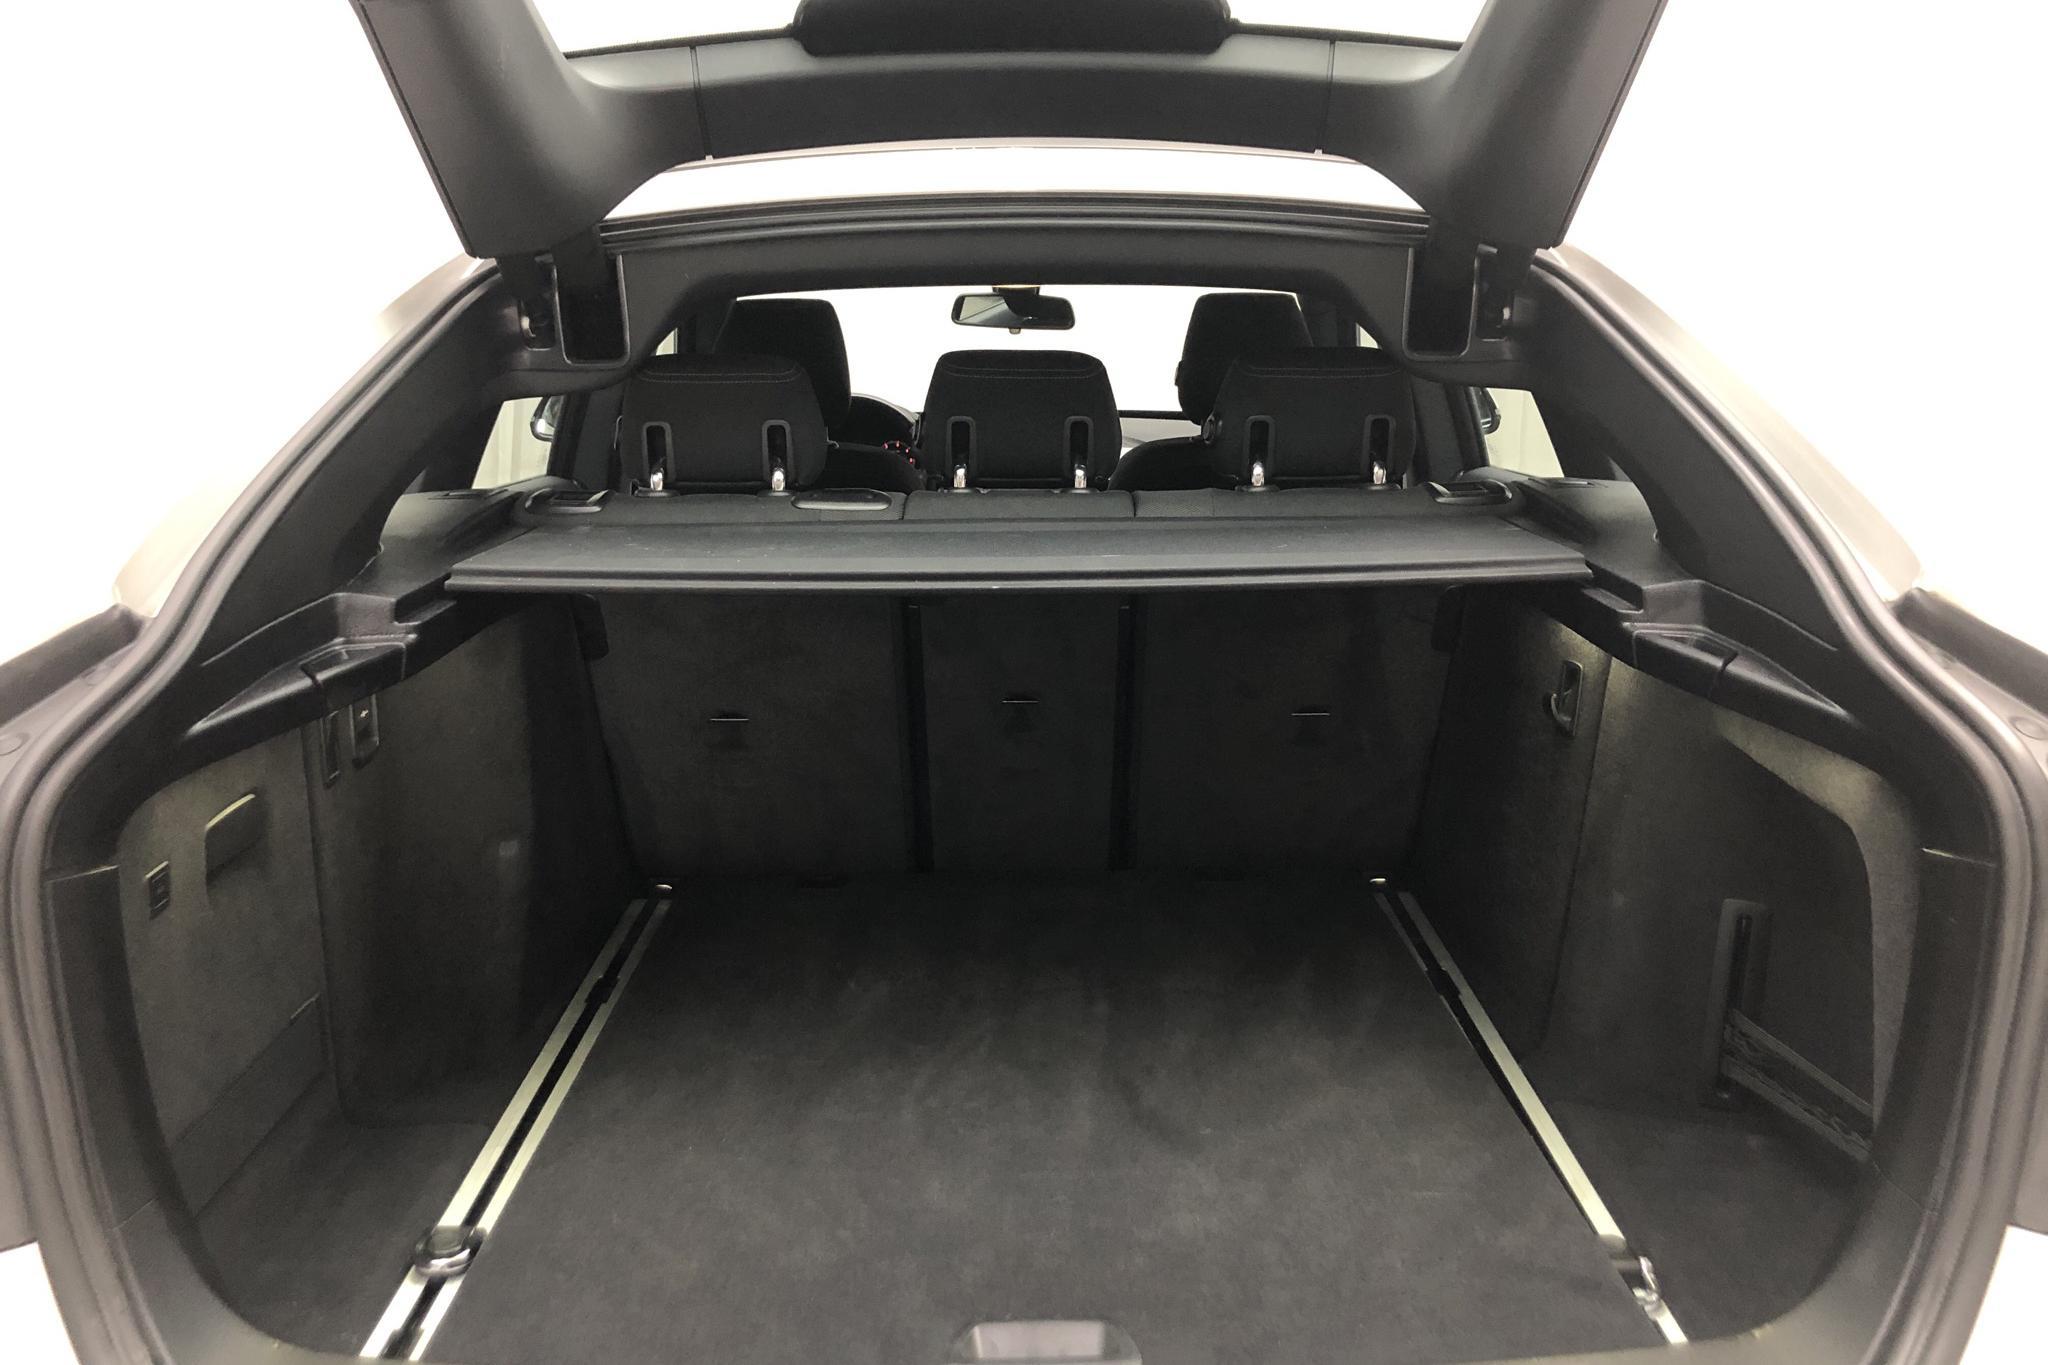 BMW 320d GT xDrive, F34 (190hk) - 49 530 km - Automatic - white - 2019